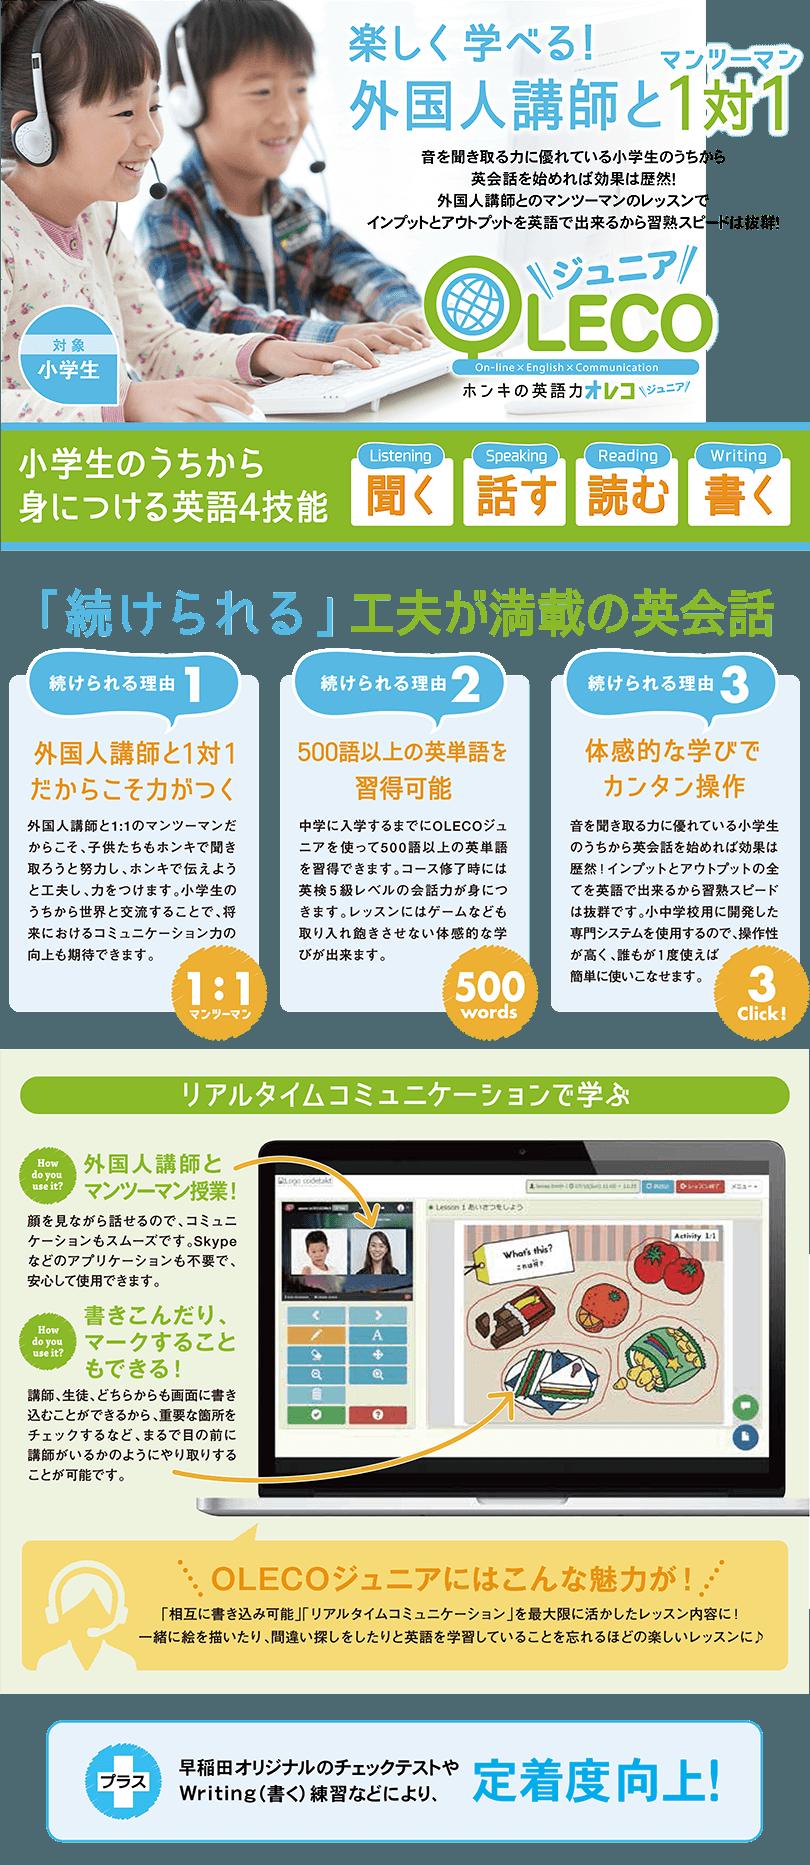 (小1~小6)オンライン英語学習『OLECO(オレコ)』